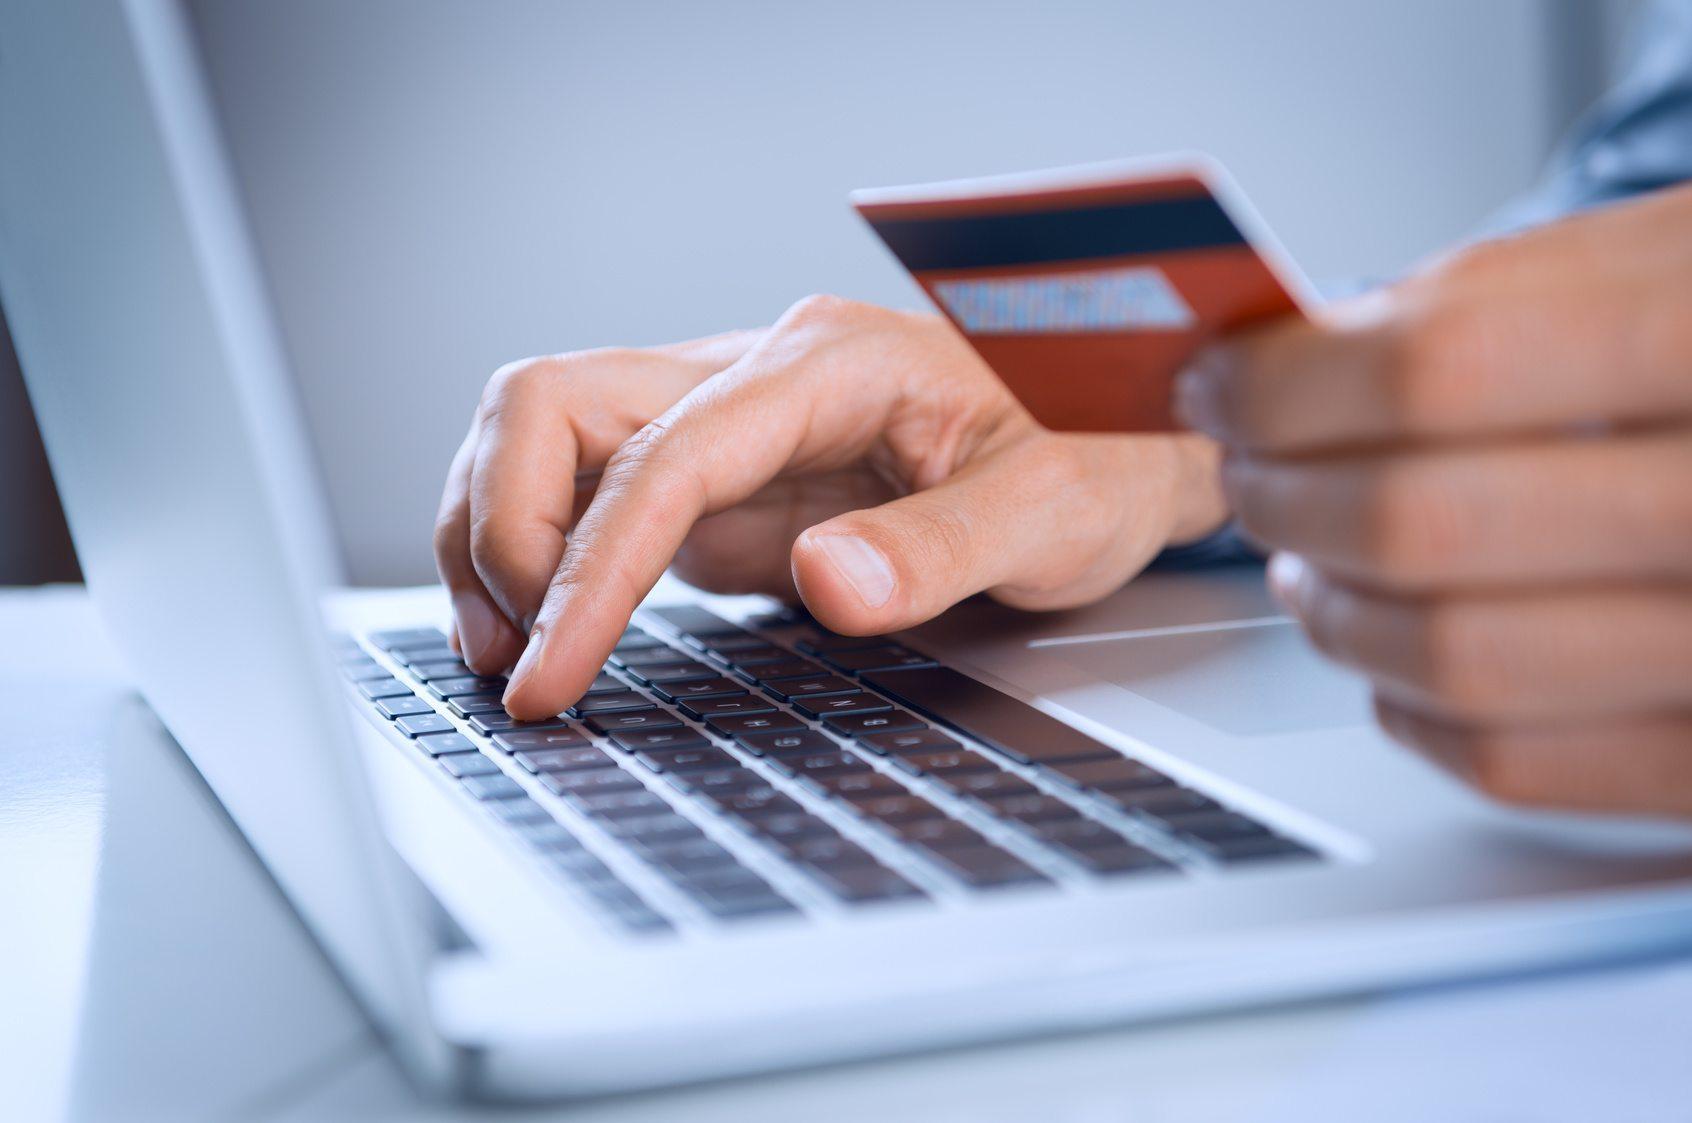 Zarządzamy pozycjami podatkowymi dla potrzeb VAT odnośnie e-commerce